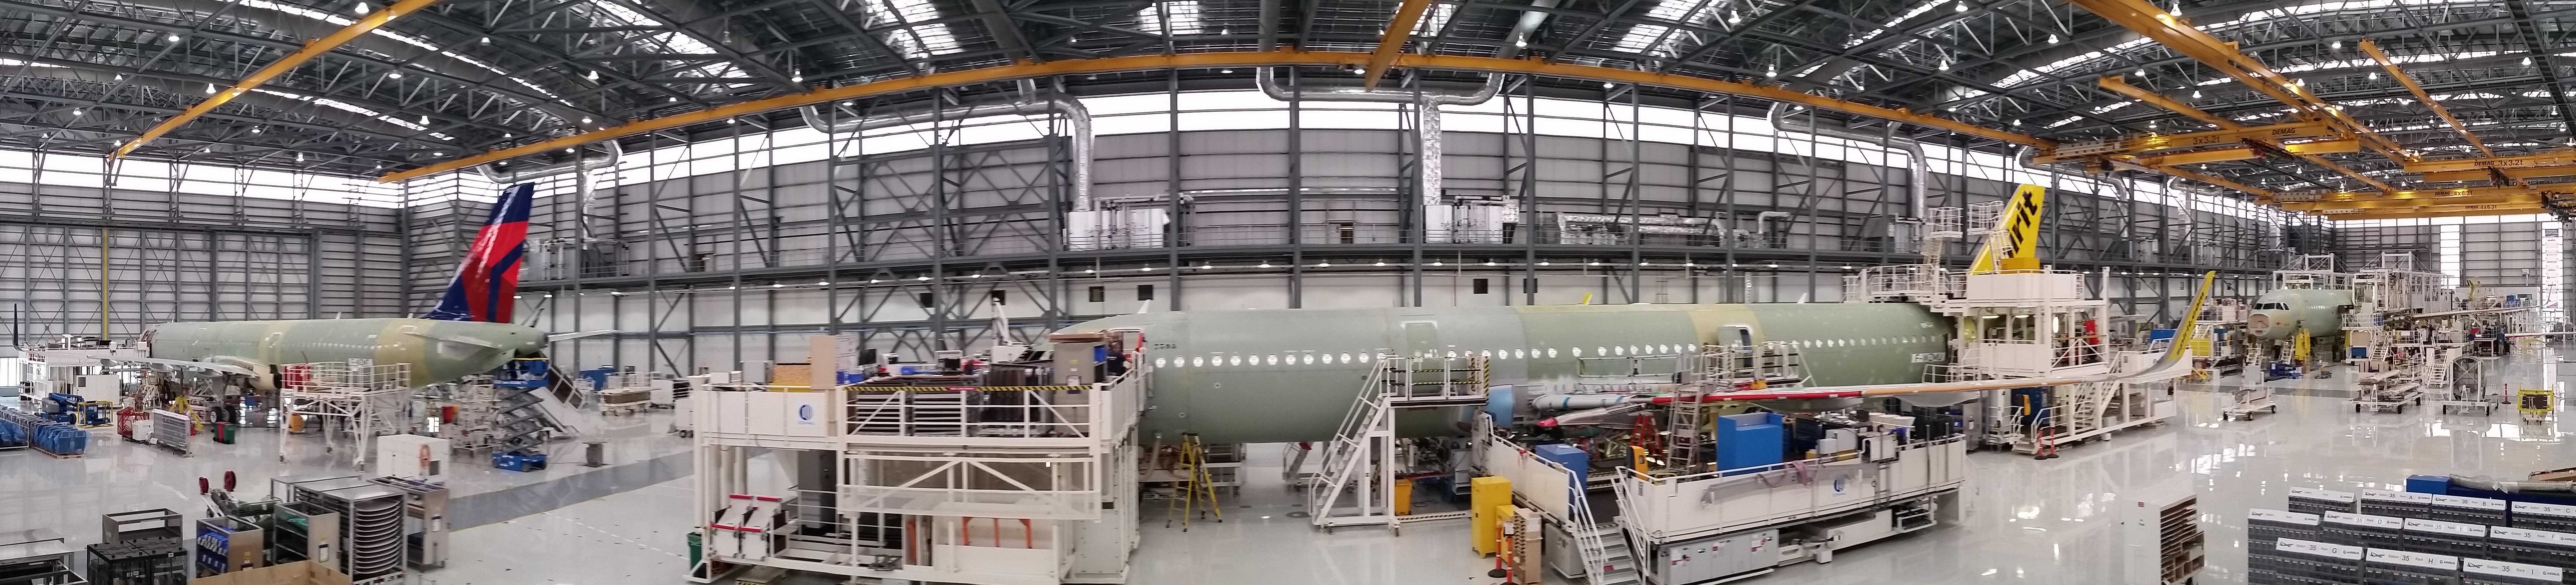 Resultado de imagen para assembly line LEAP 1A